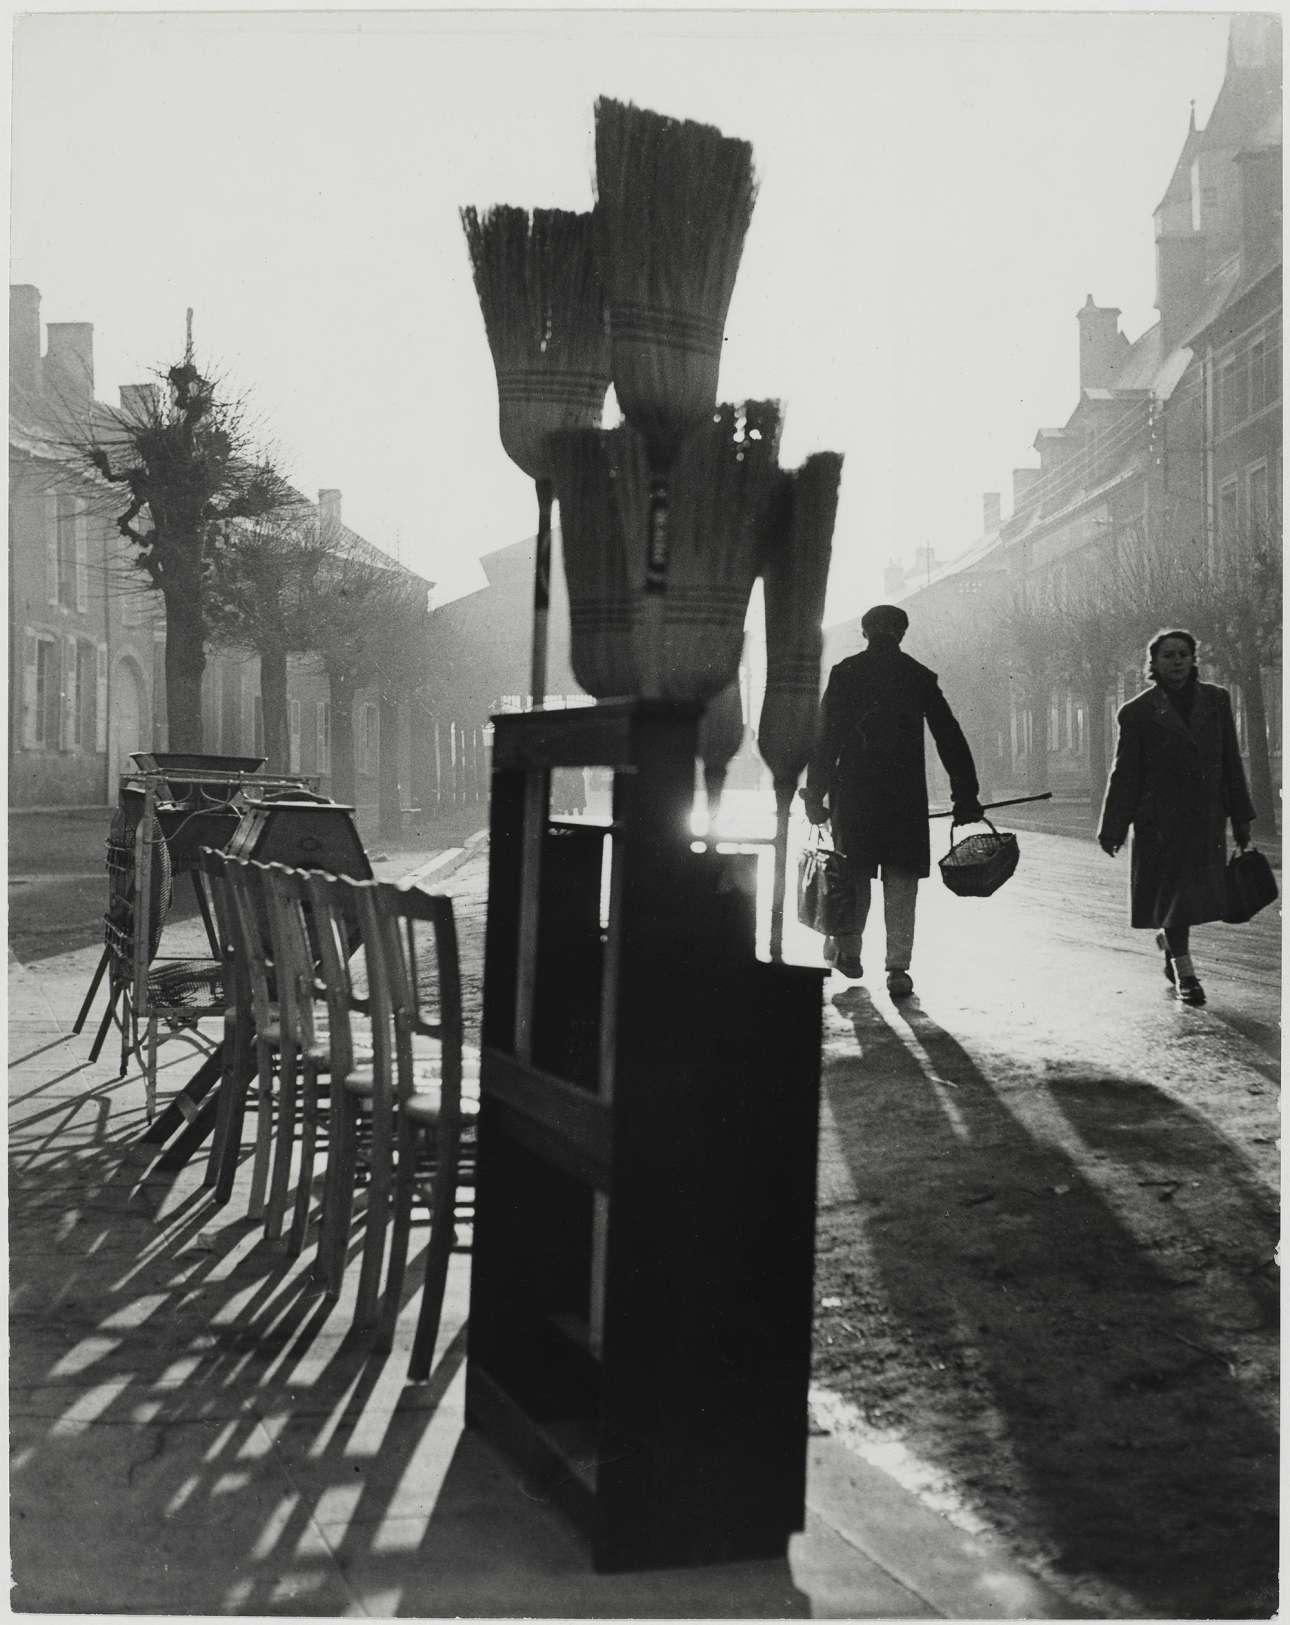 Ενα παράξενο στιγμιότυπο από τη γαλλική πόλη Ντιν Σιν Ορον, το 1950